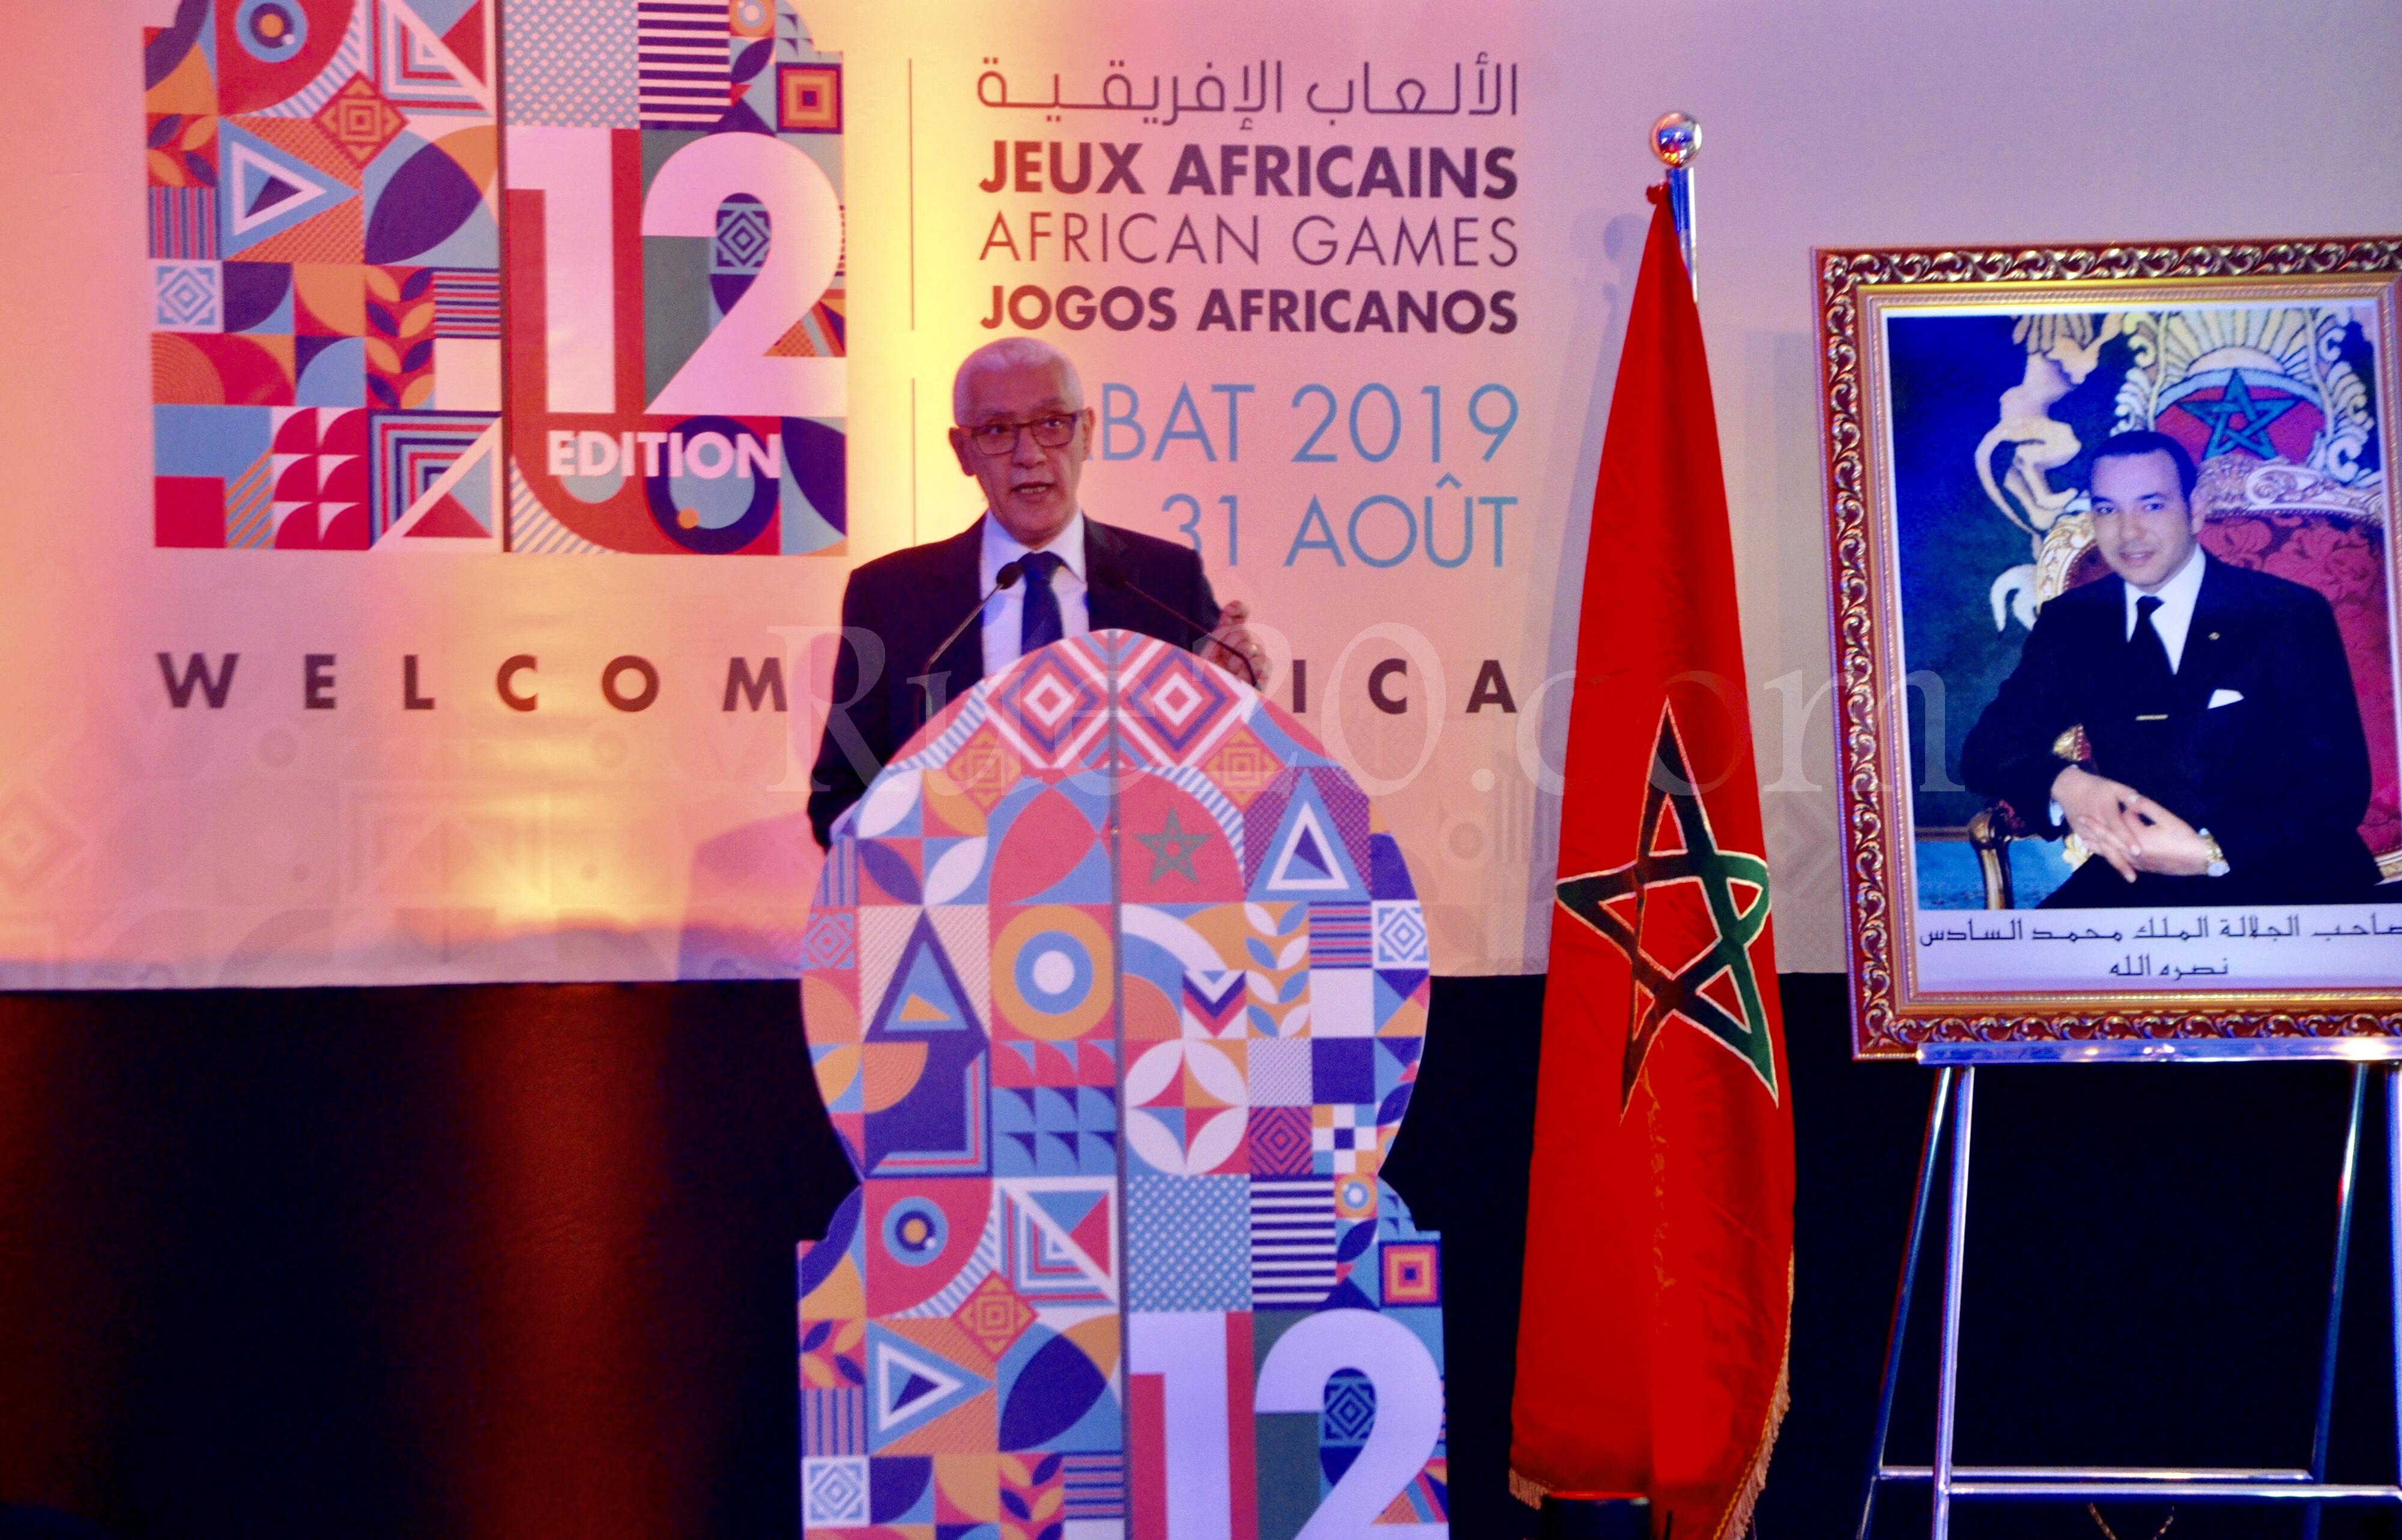 فيديو/المغرب يتطلع لتنظيم من مستوى عالي للألعاب الإفريقية المؤهلة للألعاب الأولمبية